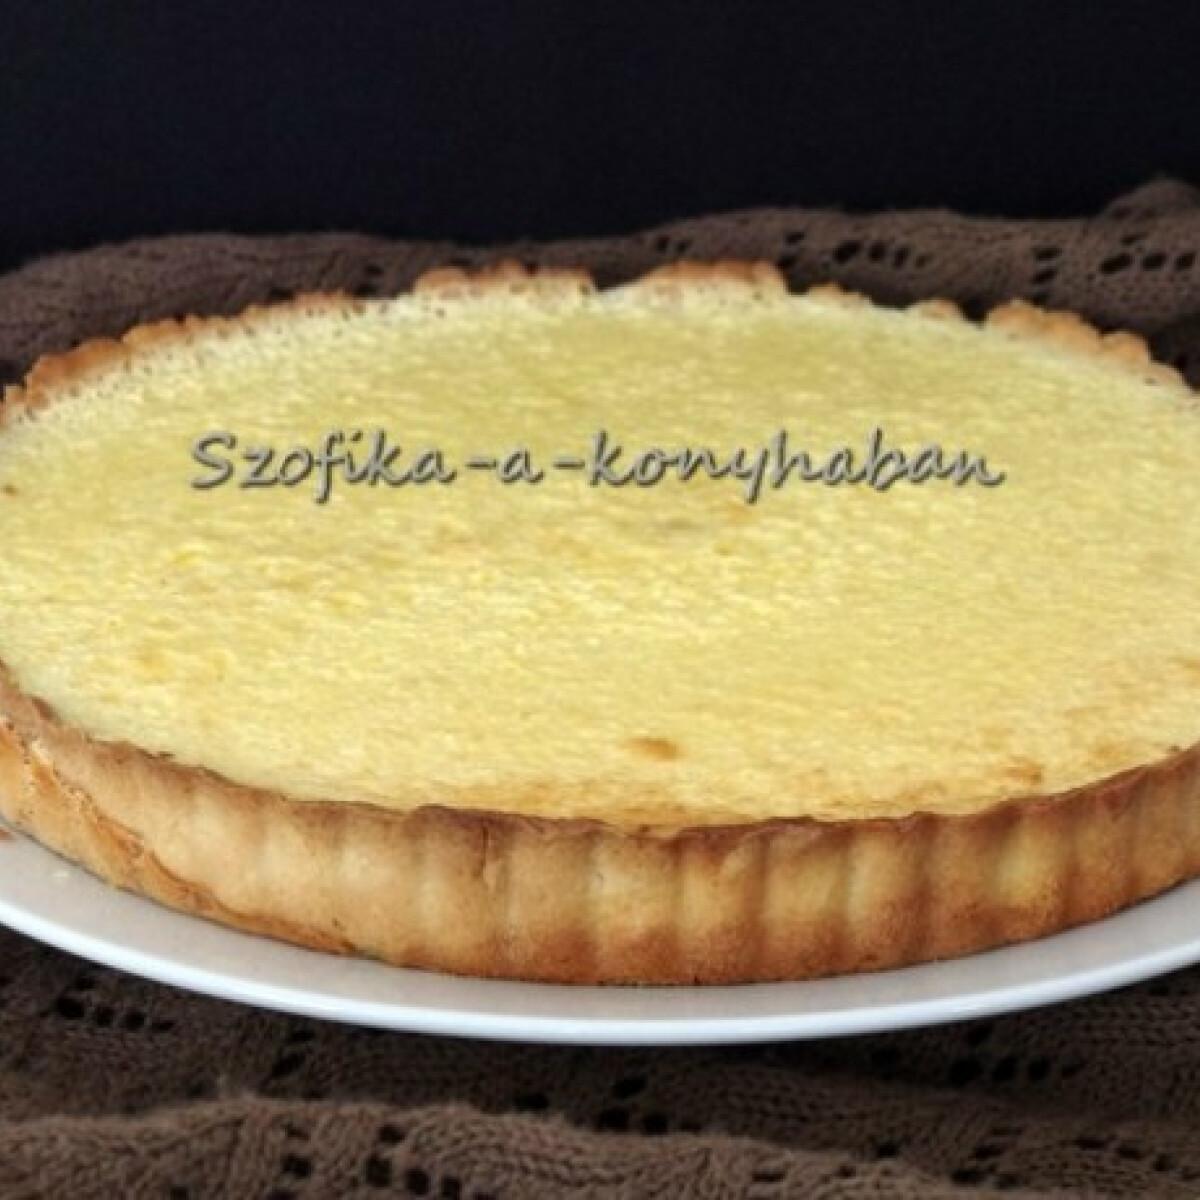 Ezen a képen: Tarte au citron - Szofikától